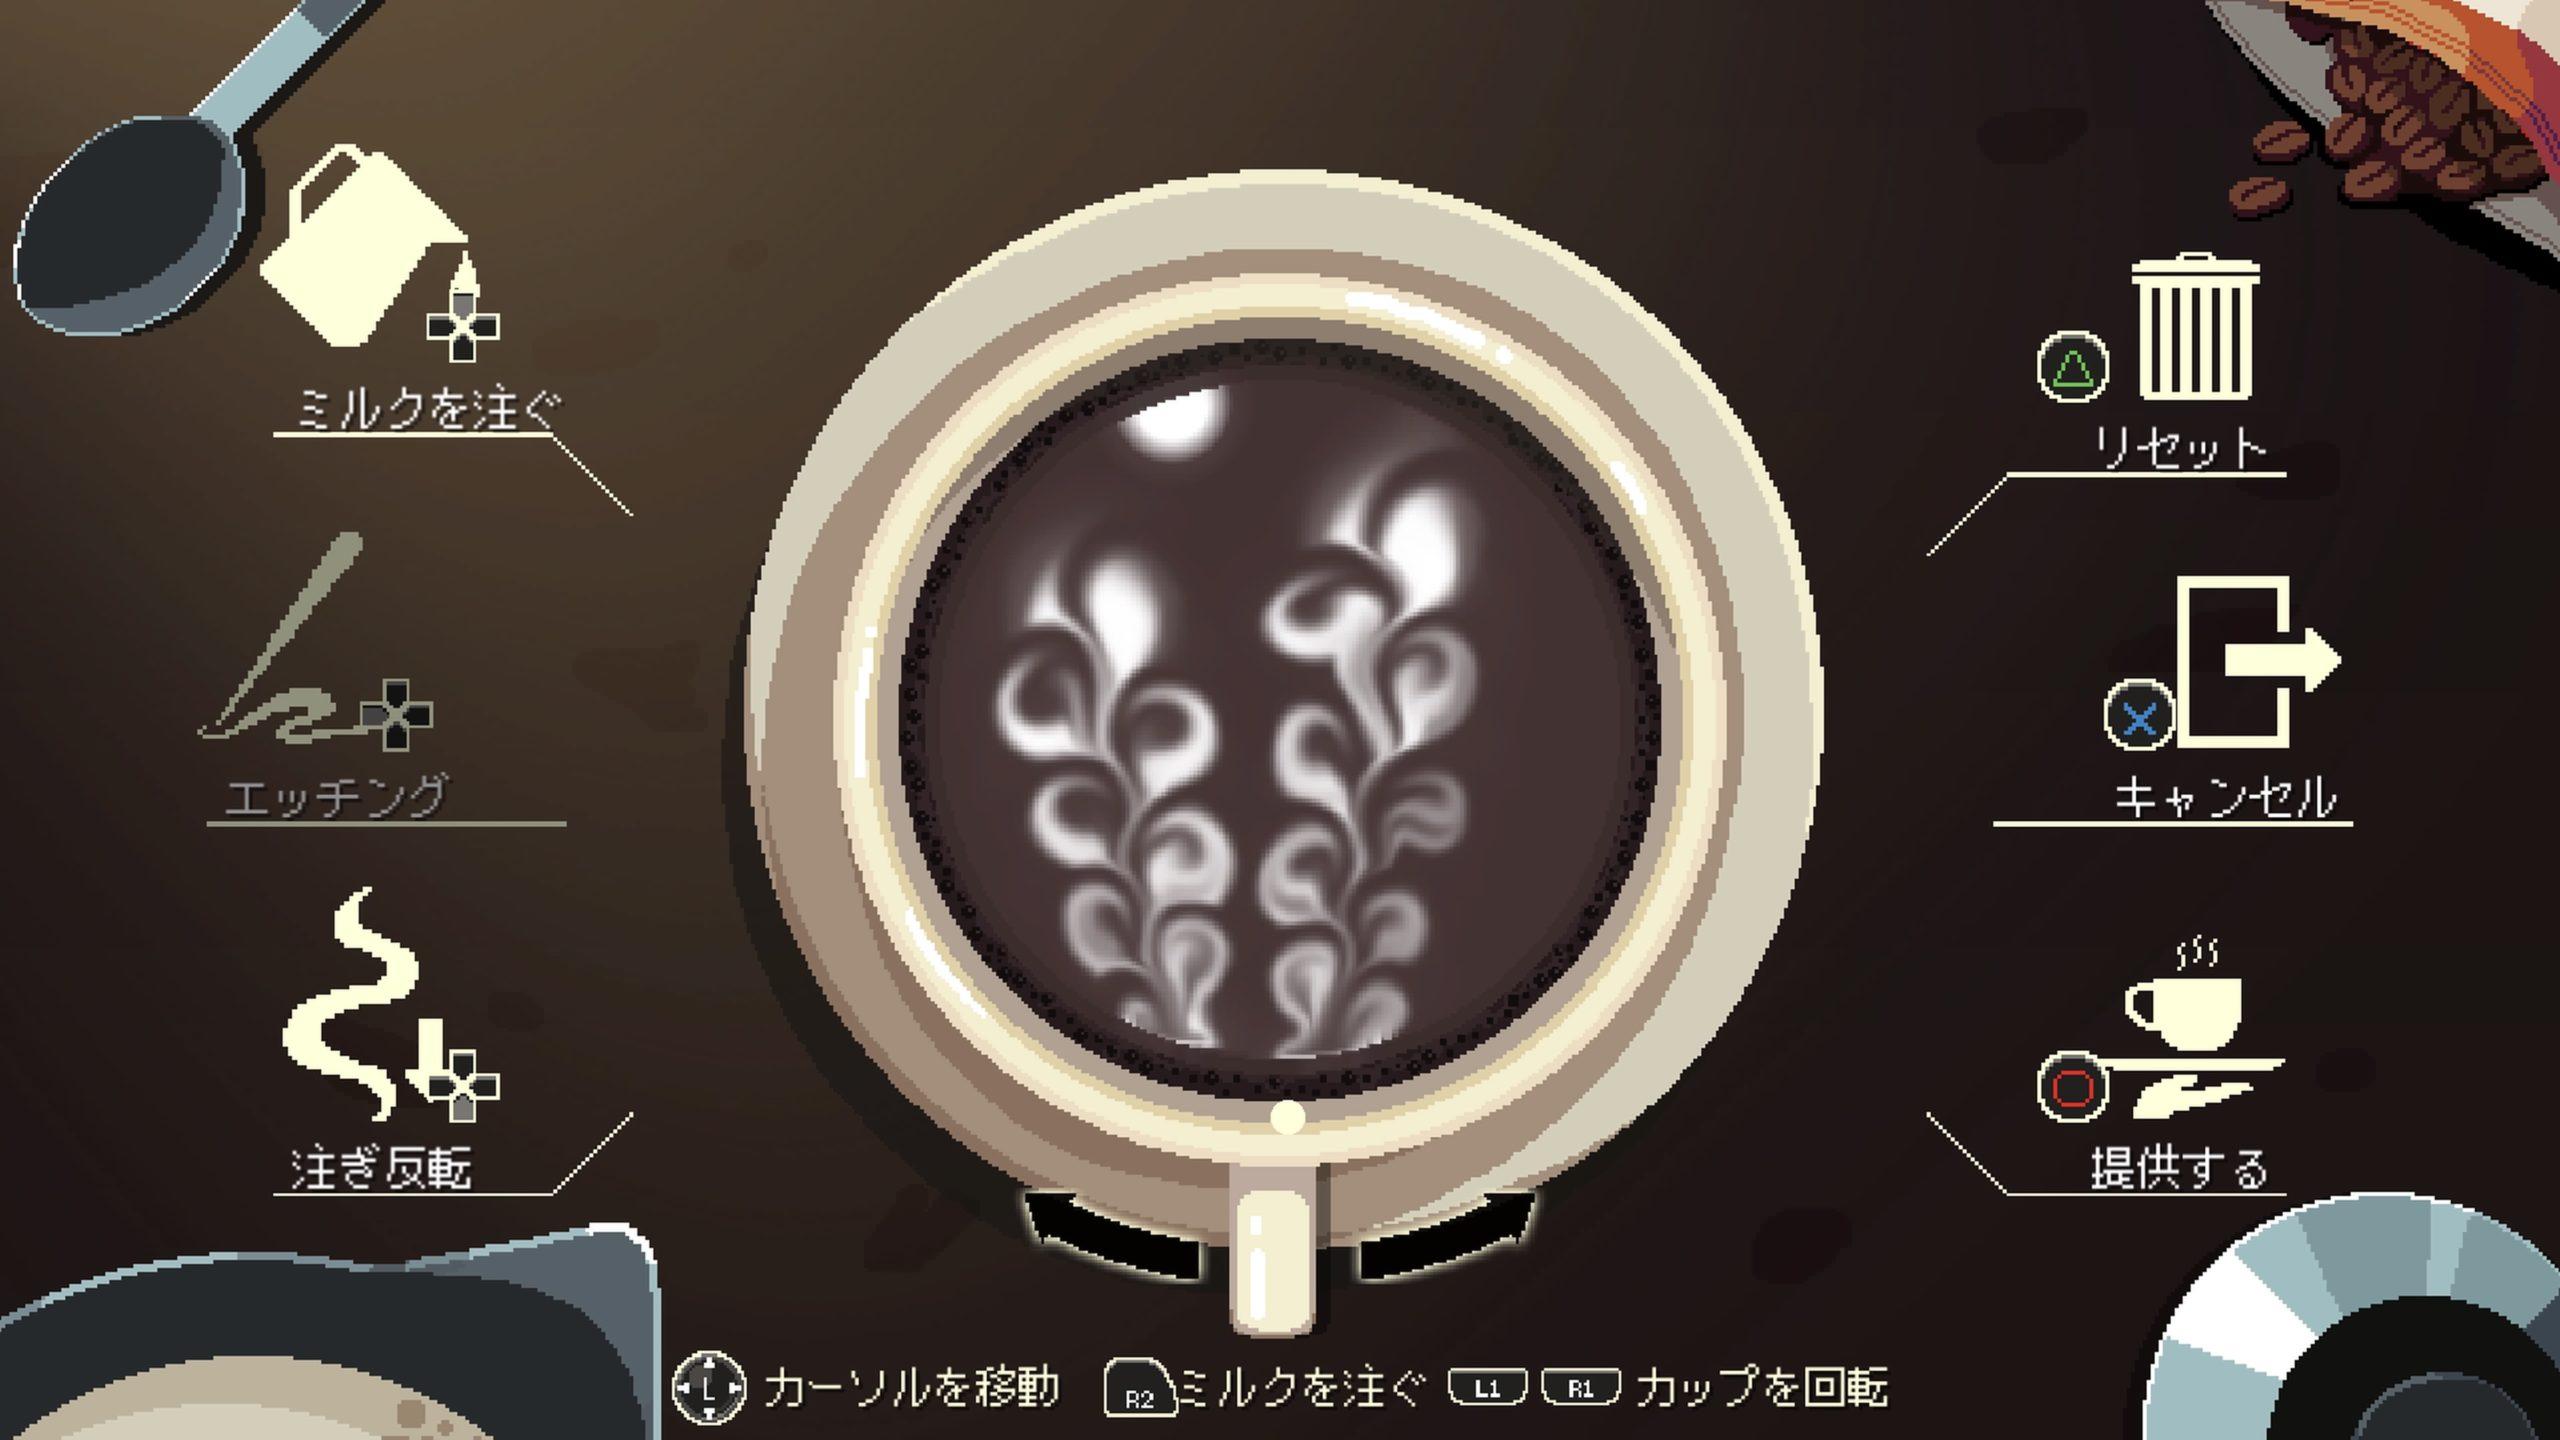 コーヒートーク ラテアート描き方